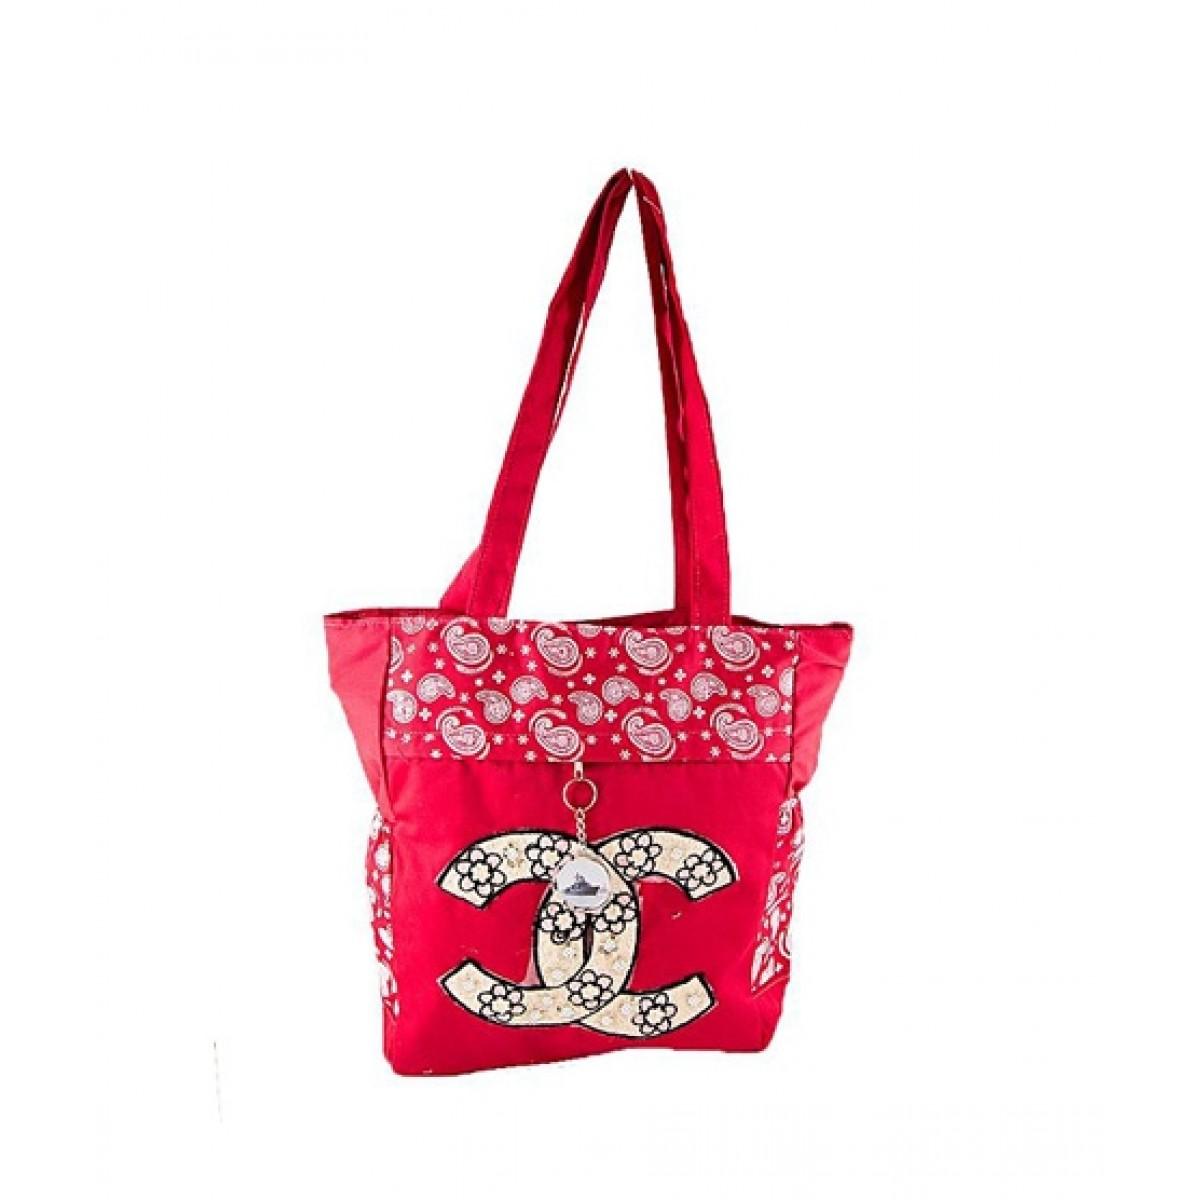 Asaan Buy Leather School Handbag Red